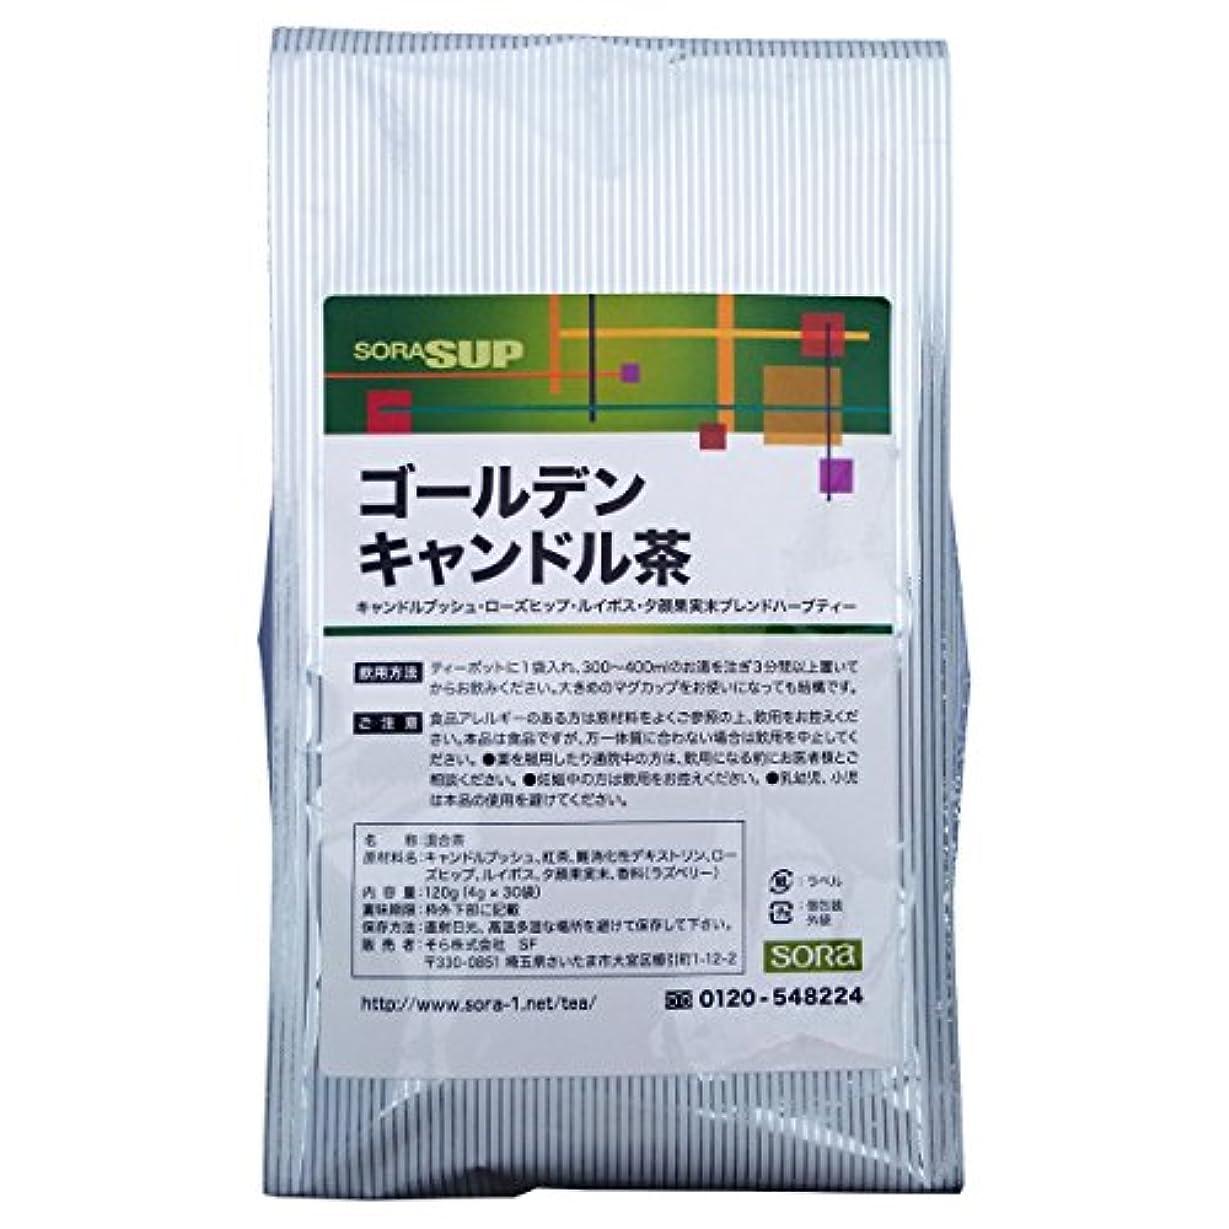 カロリー一貫性のないプラグそら ゴールデンキャンドル茶 (主成分キャンドルブッシュ?4グラムティーパック × 30包)